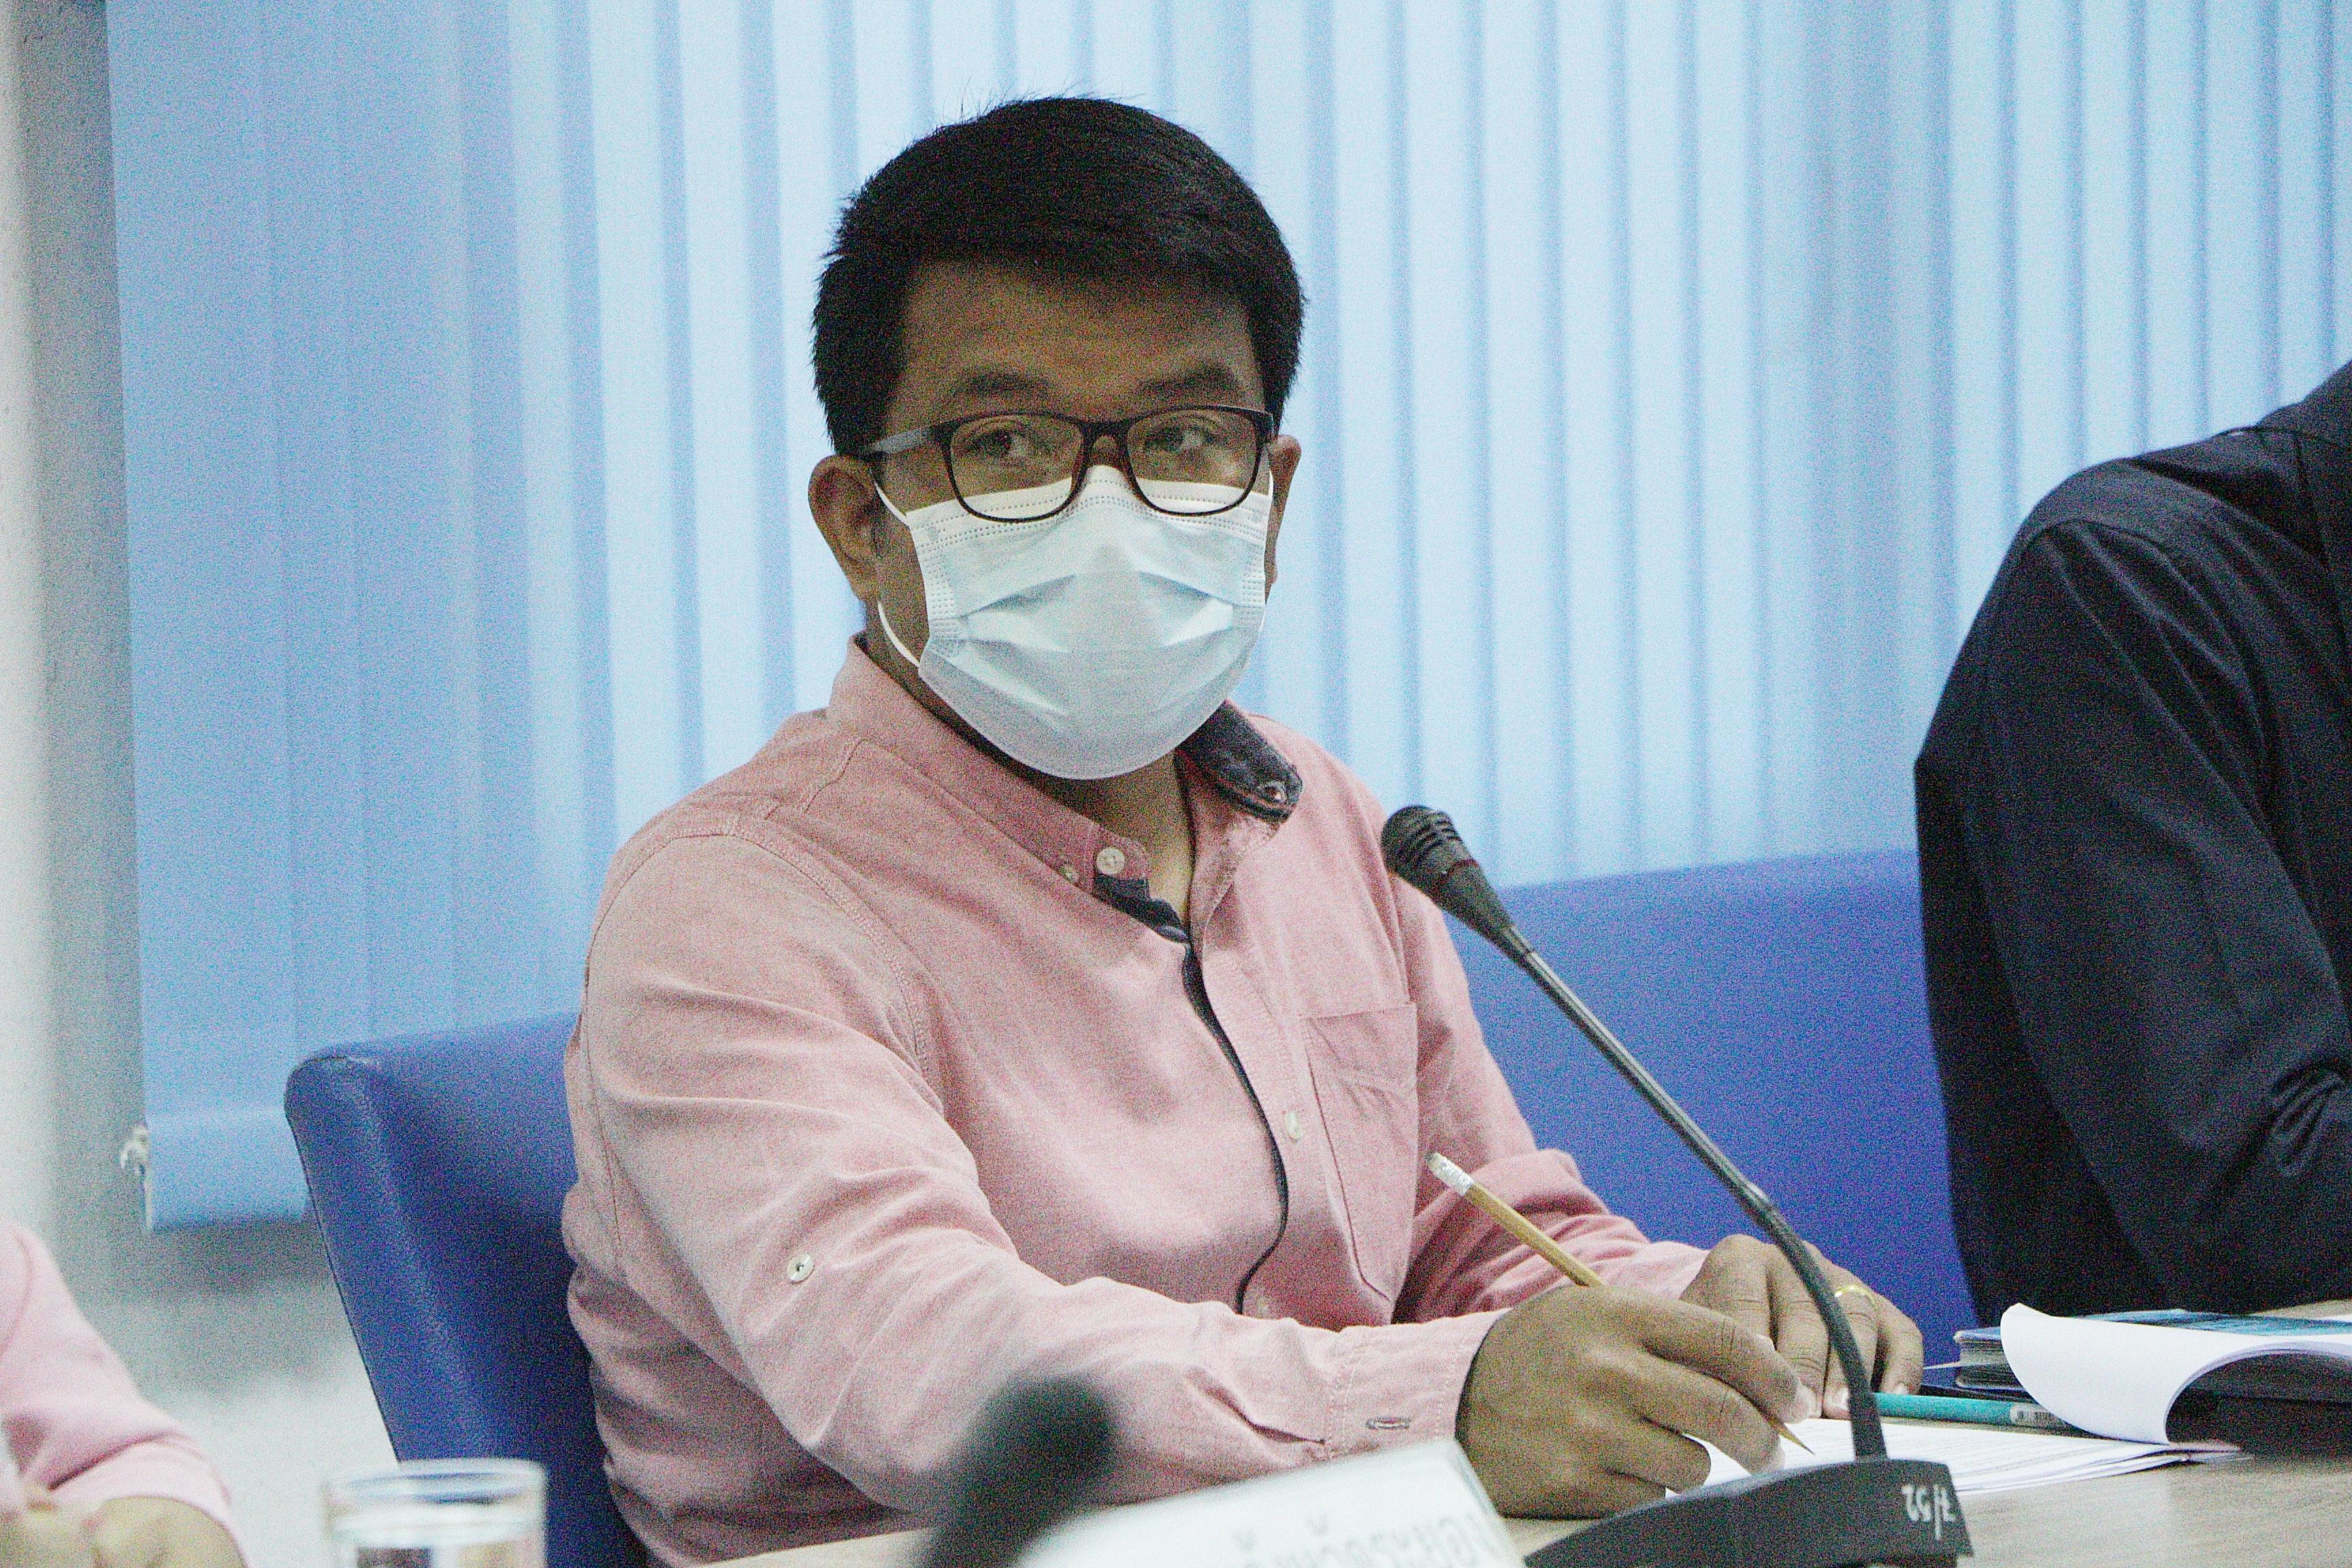 ประชุมจัดทำแผนปฏิบัติการด้านการป้องกันและแก้ไขปัญหาการค้ามนุษย์ด้านแรงงานจังหวัดระยอง 2565